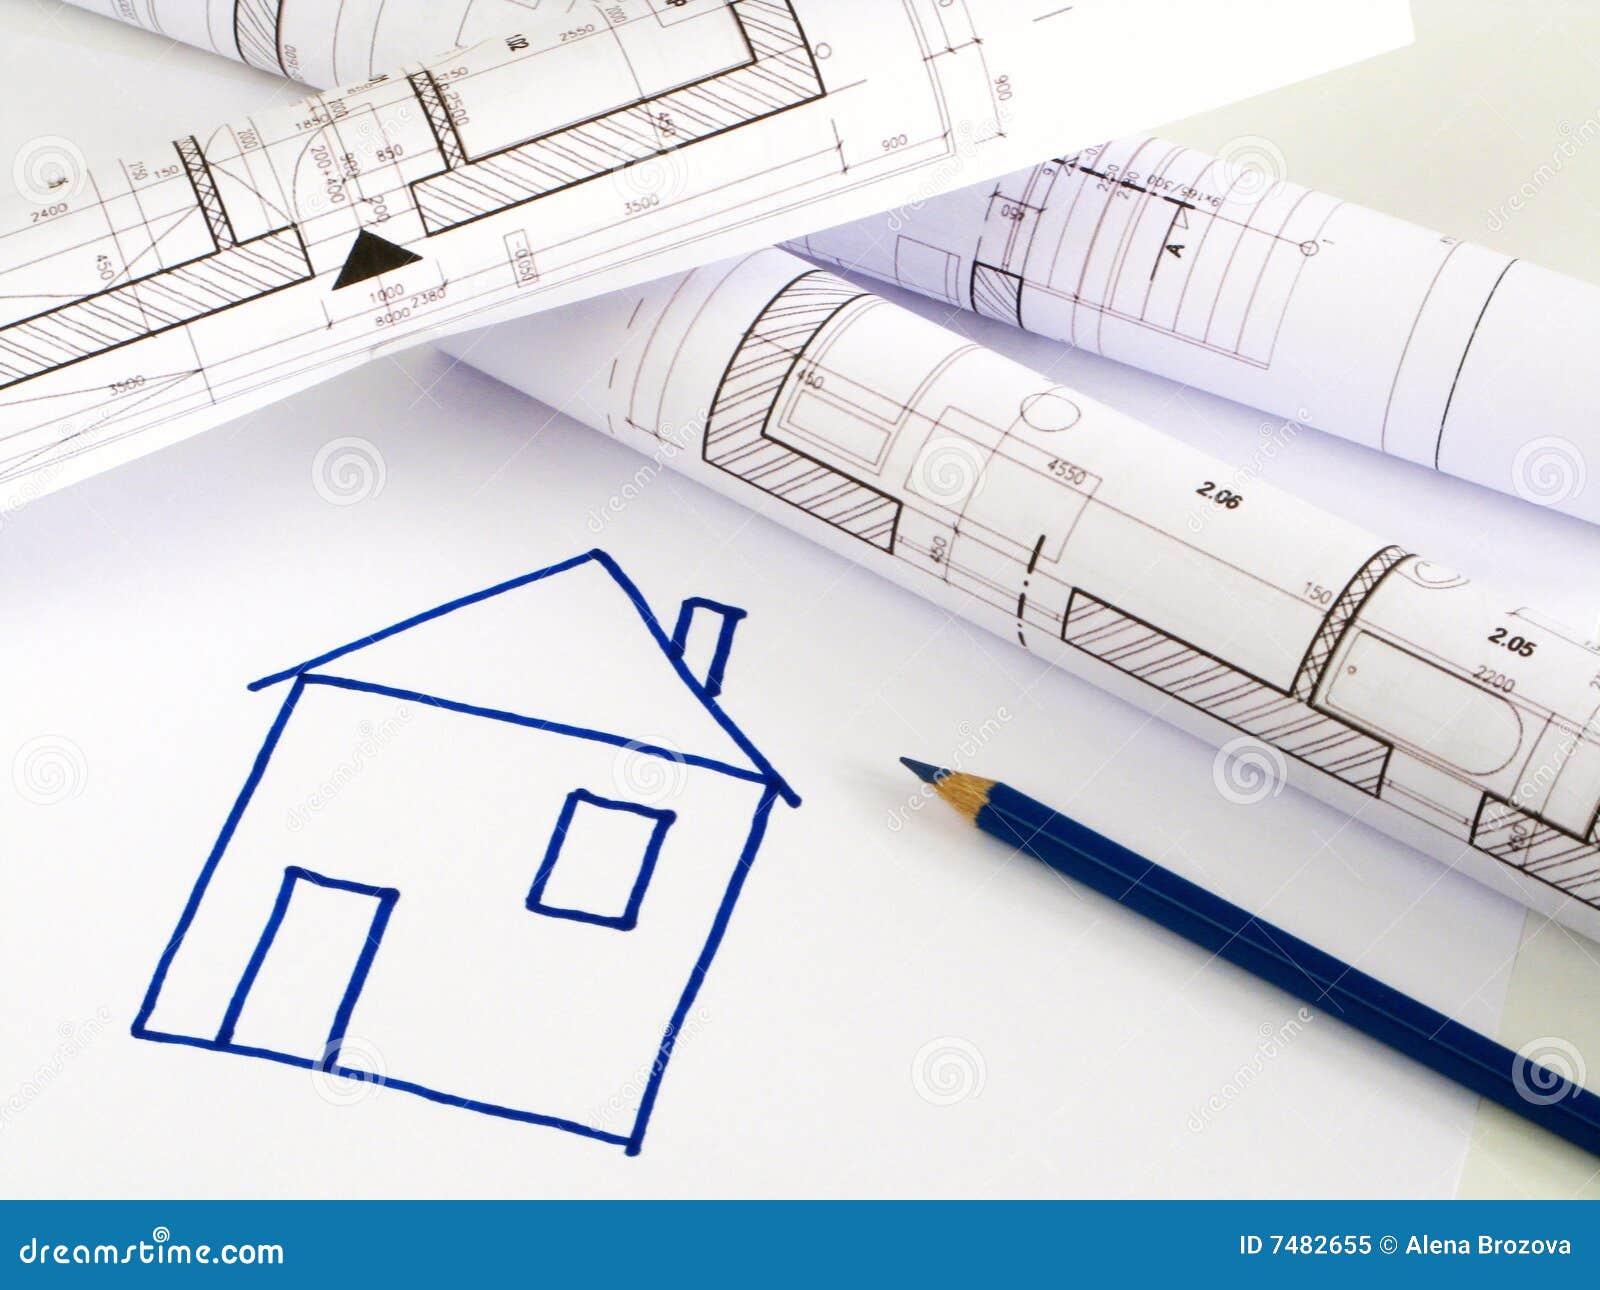 Croquis architectural de plan de maison image stock for Conception de croquis de plan de maison